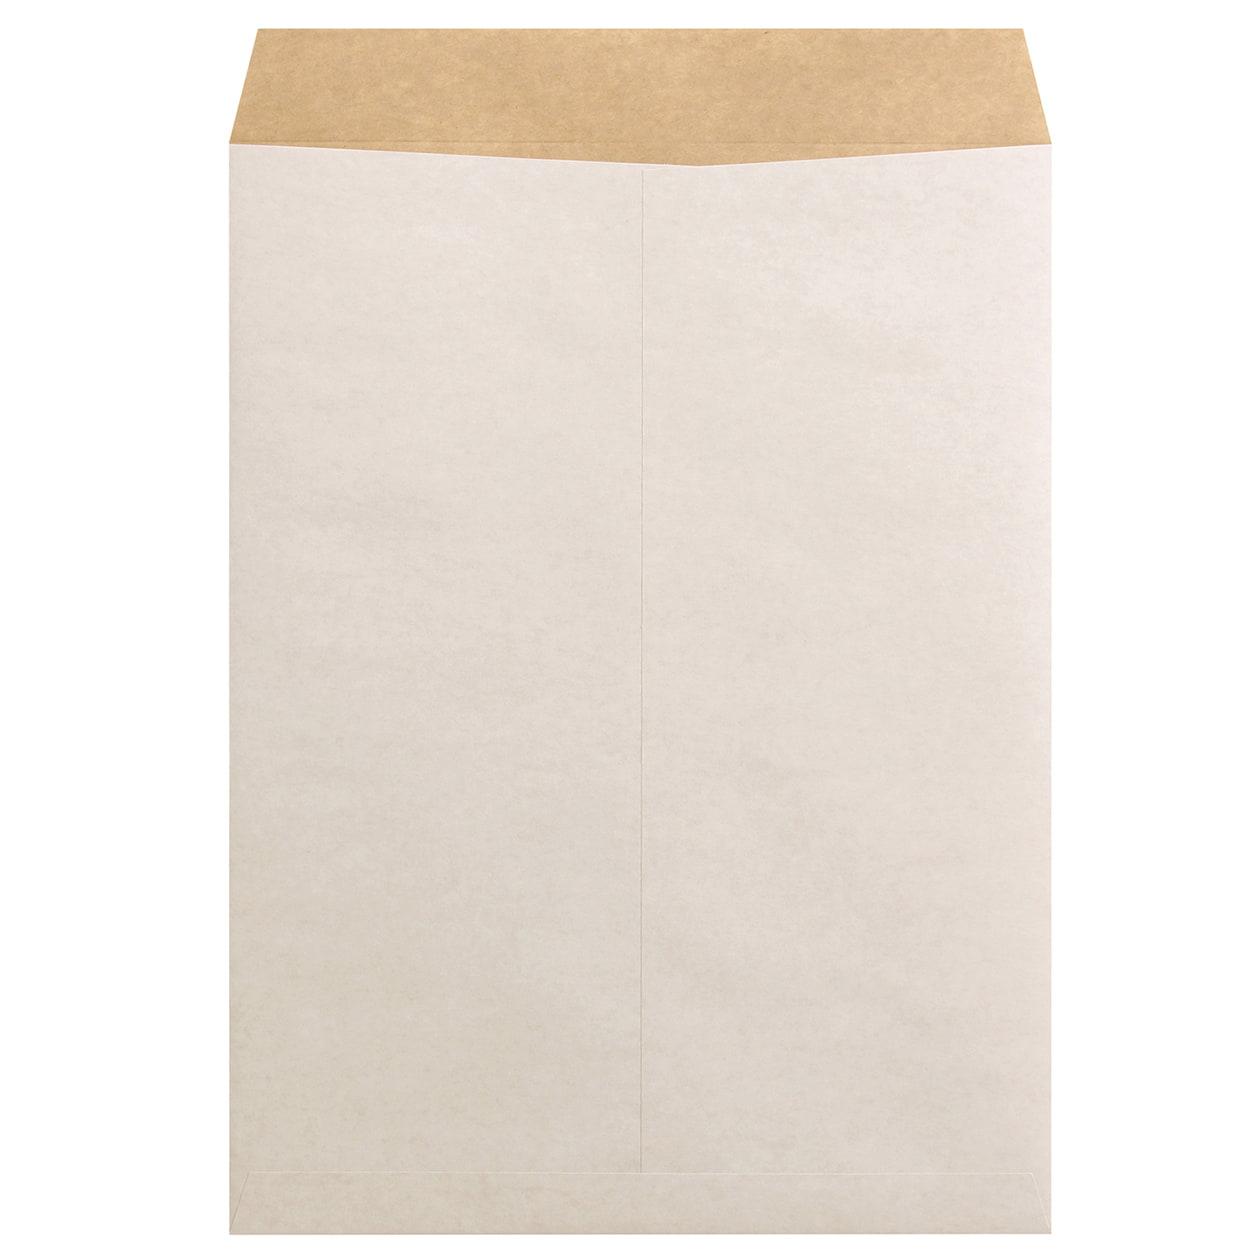 角0封筒 ホワイトクラフト 100g センター貼